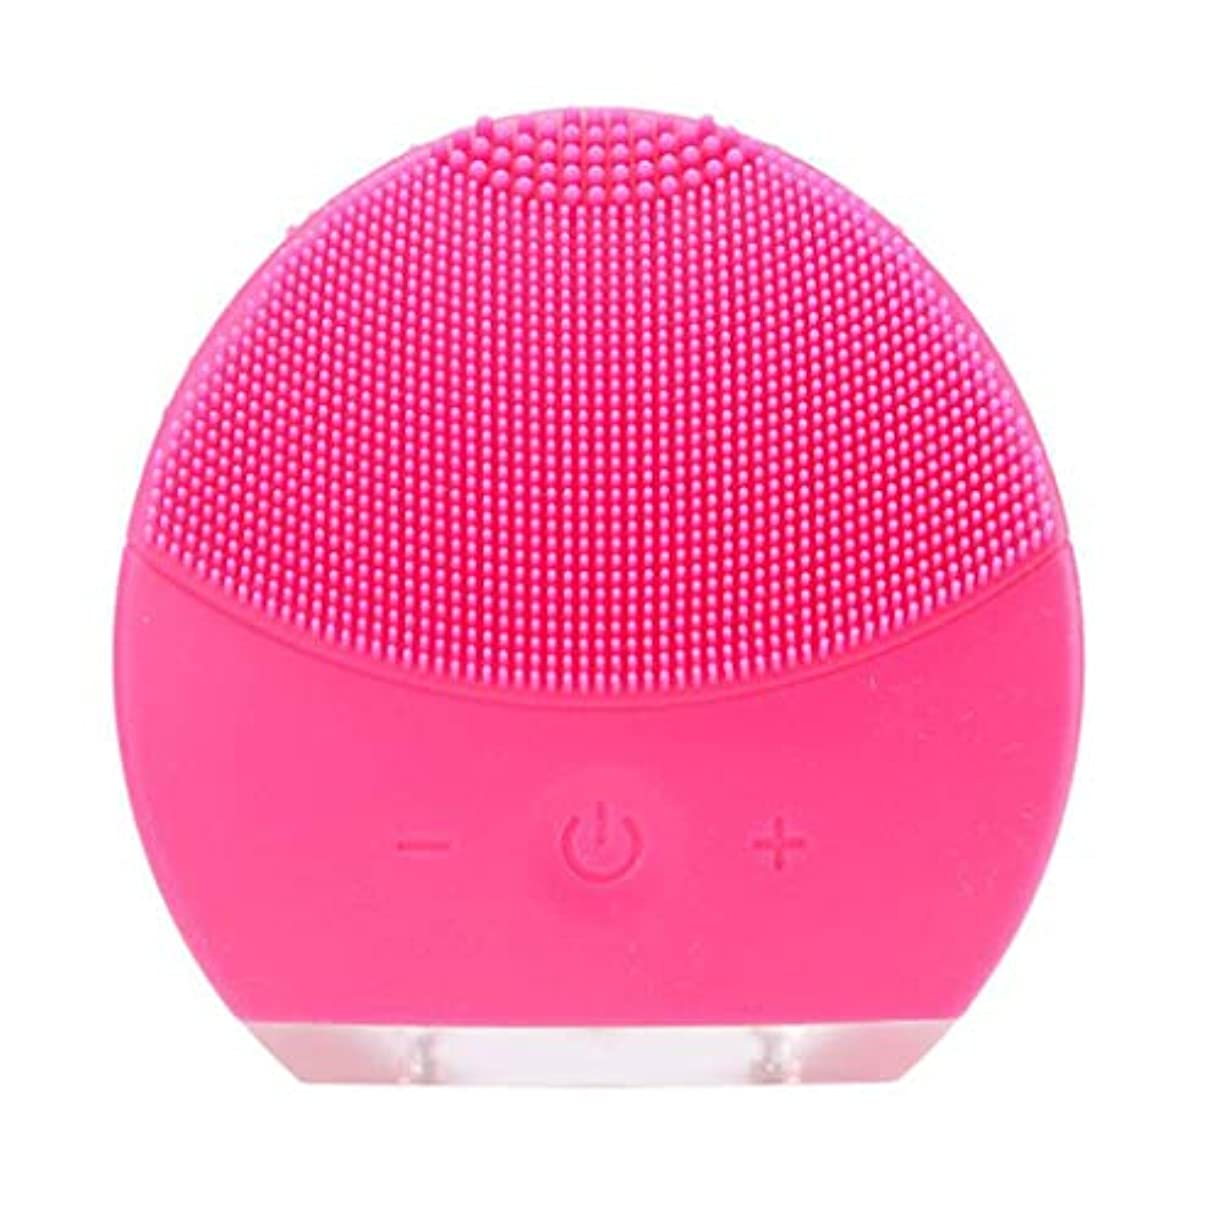 ネックレス密分布超音波振動美容機器洗浄器、皮膚の毛穴を最小限に抑えるマイクロダーマブレーション毛穴、USB 充電と防水,Rosered